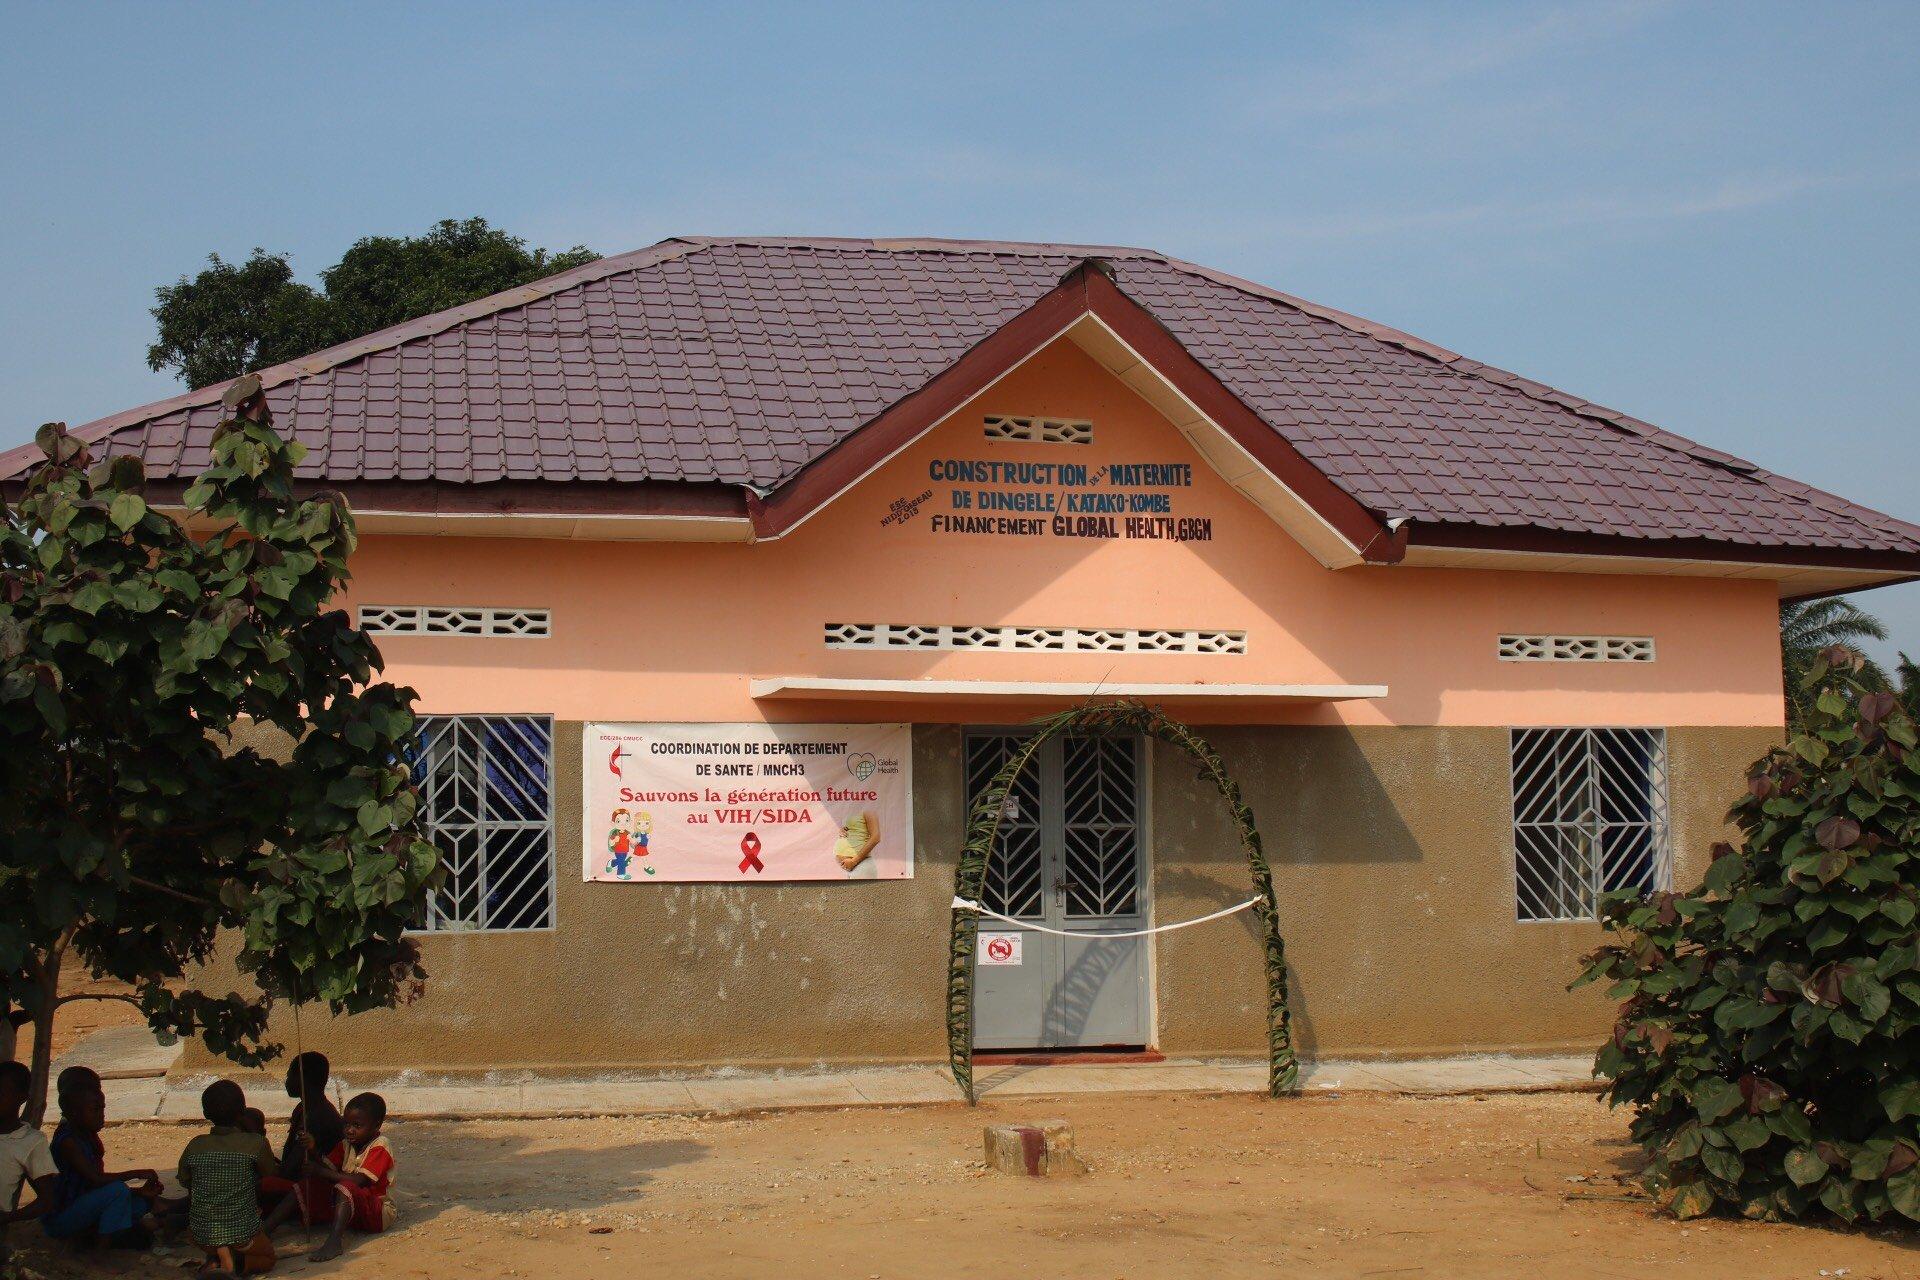 Vue extérieure de la maternité de Dingele dans le district de Katako-Kombe au Congo. Global Health a financé la construction et l'équipement de cette maternité pour permettre à plus de 18 000 femmes d'accoucher dans des conditions acceptables. Photo de François Omanyondo.